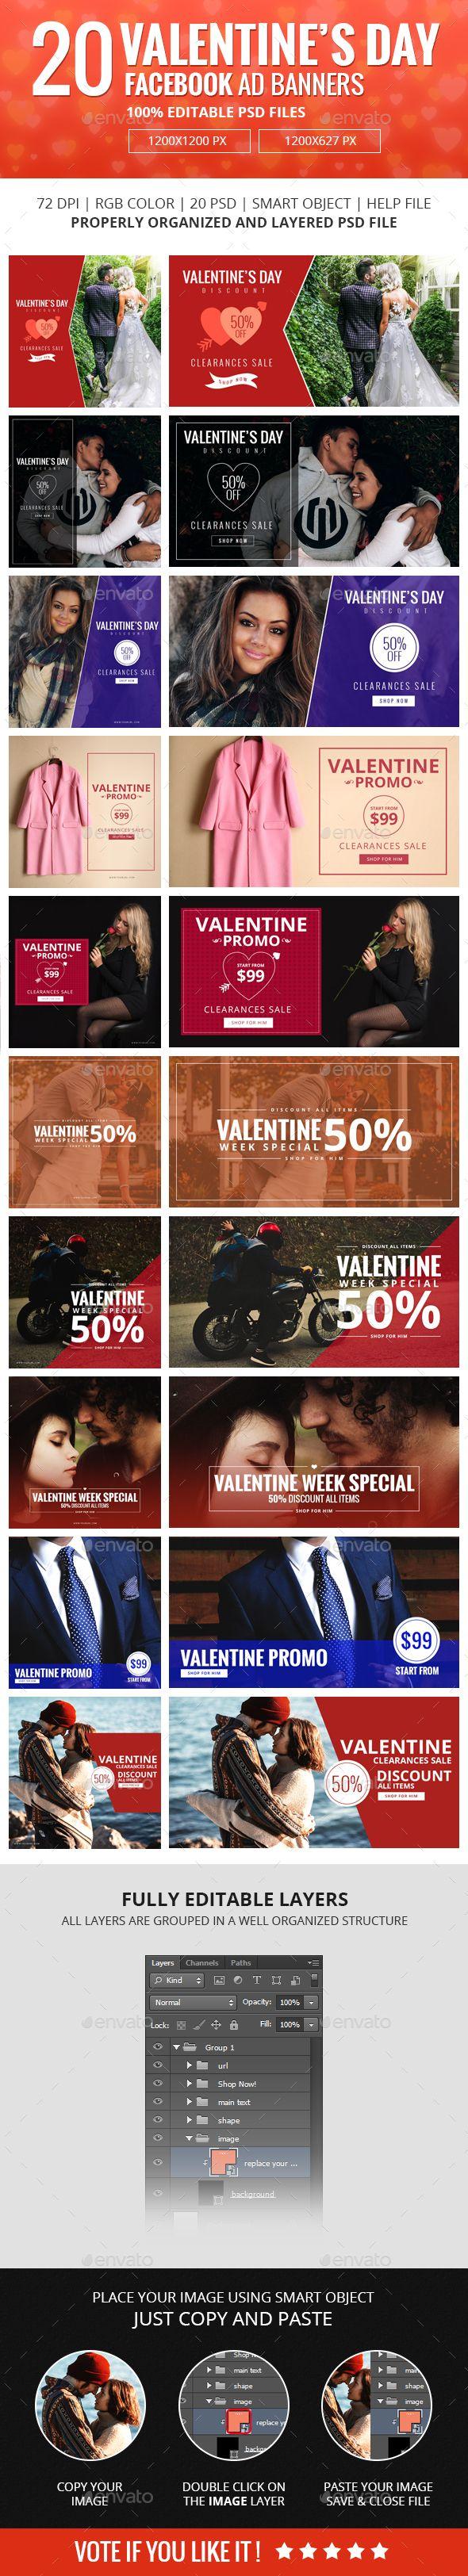 8 best FaceBook ADs images on Pinterest | Banner design, Facebook ...